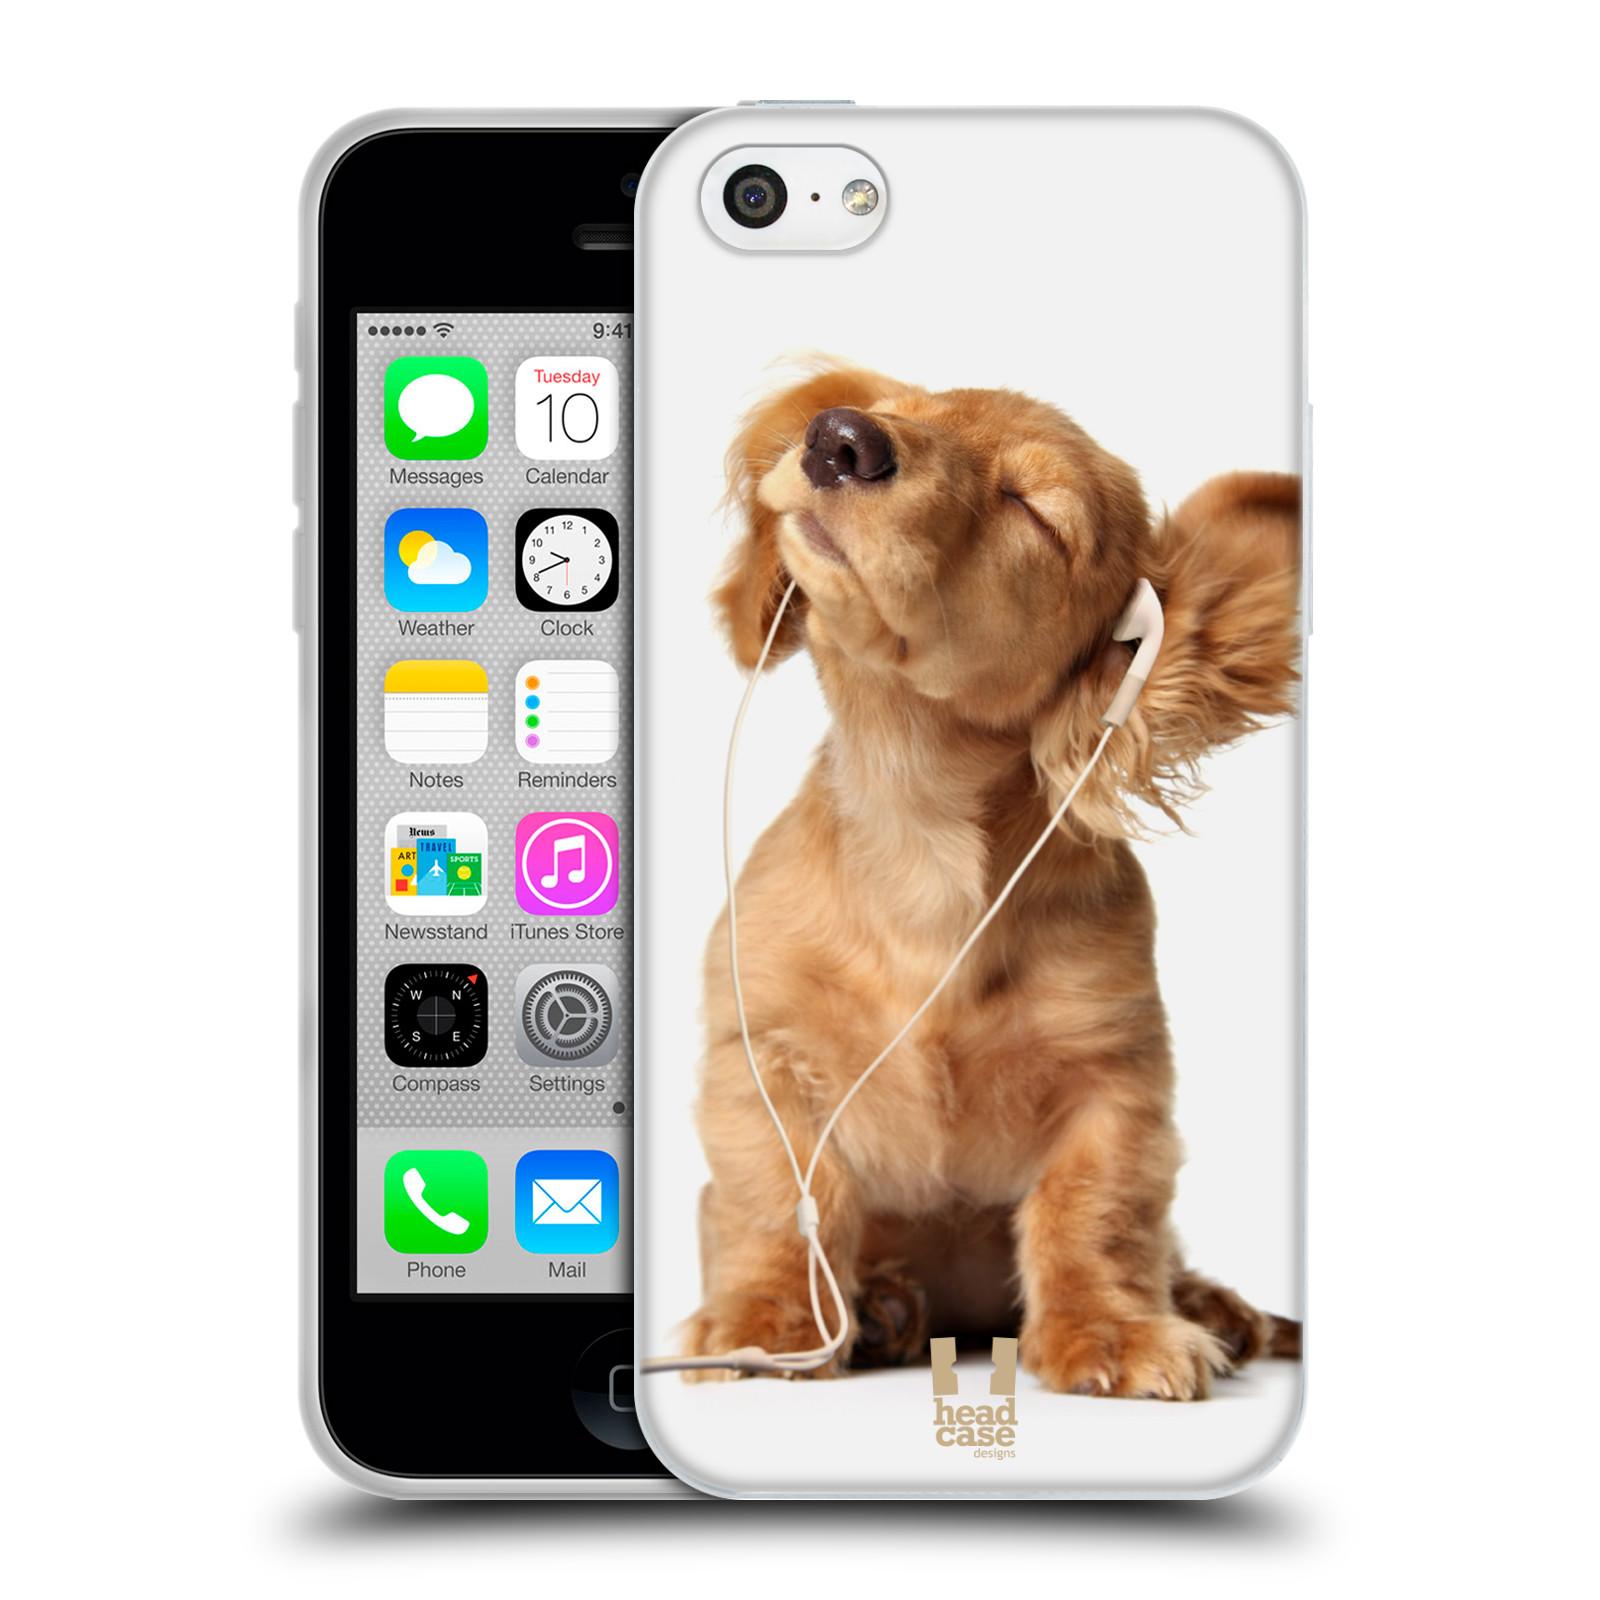 HEAD CASE silikonový obal na mobil Apple Iphone 5C vzor Legrační zvířátka roztomilé štěňátko se sluchátky MUSIC